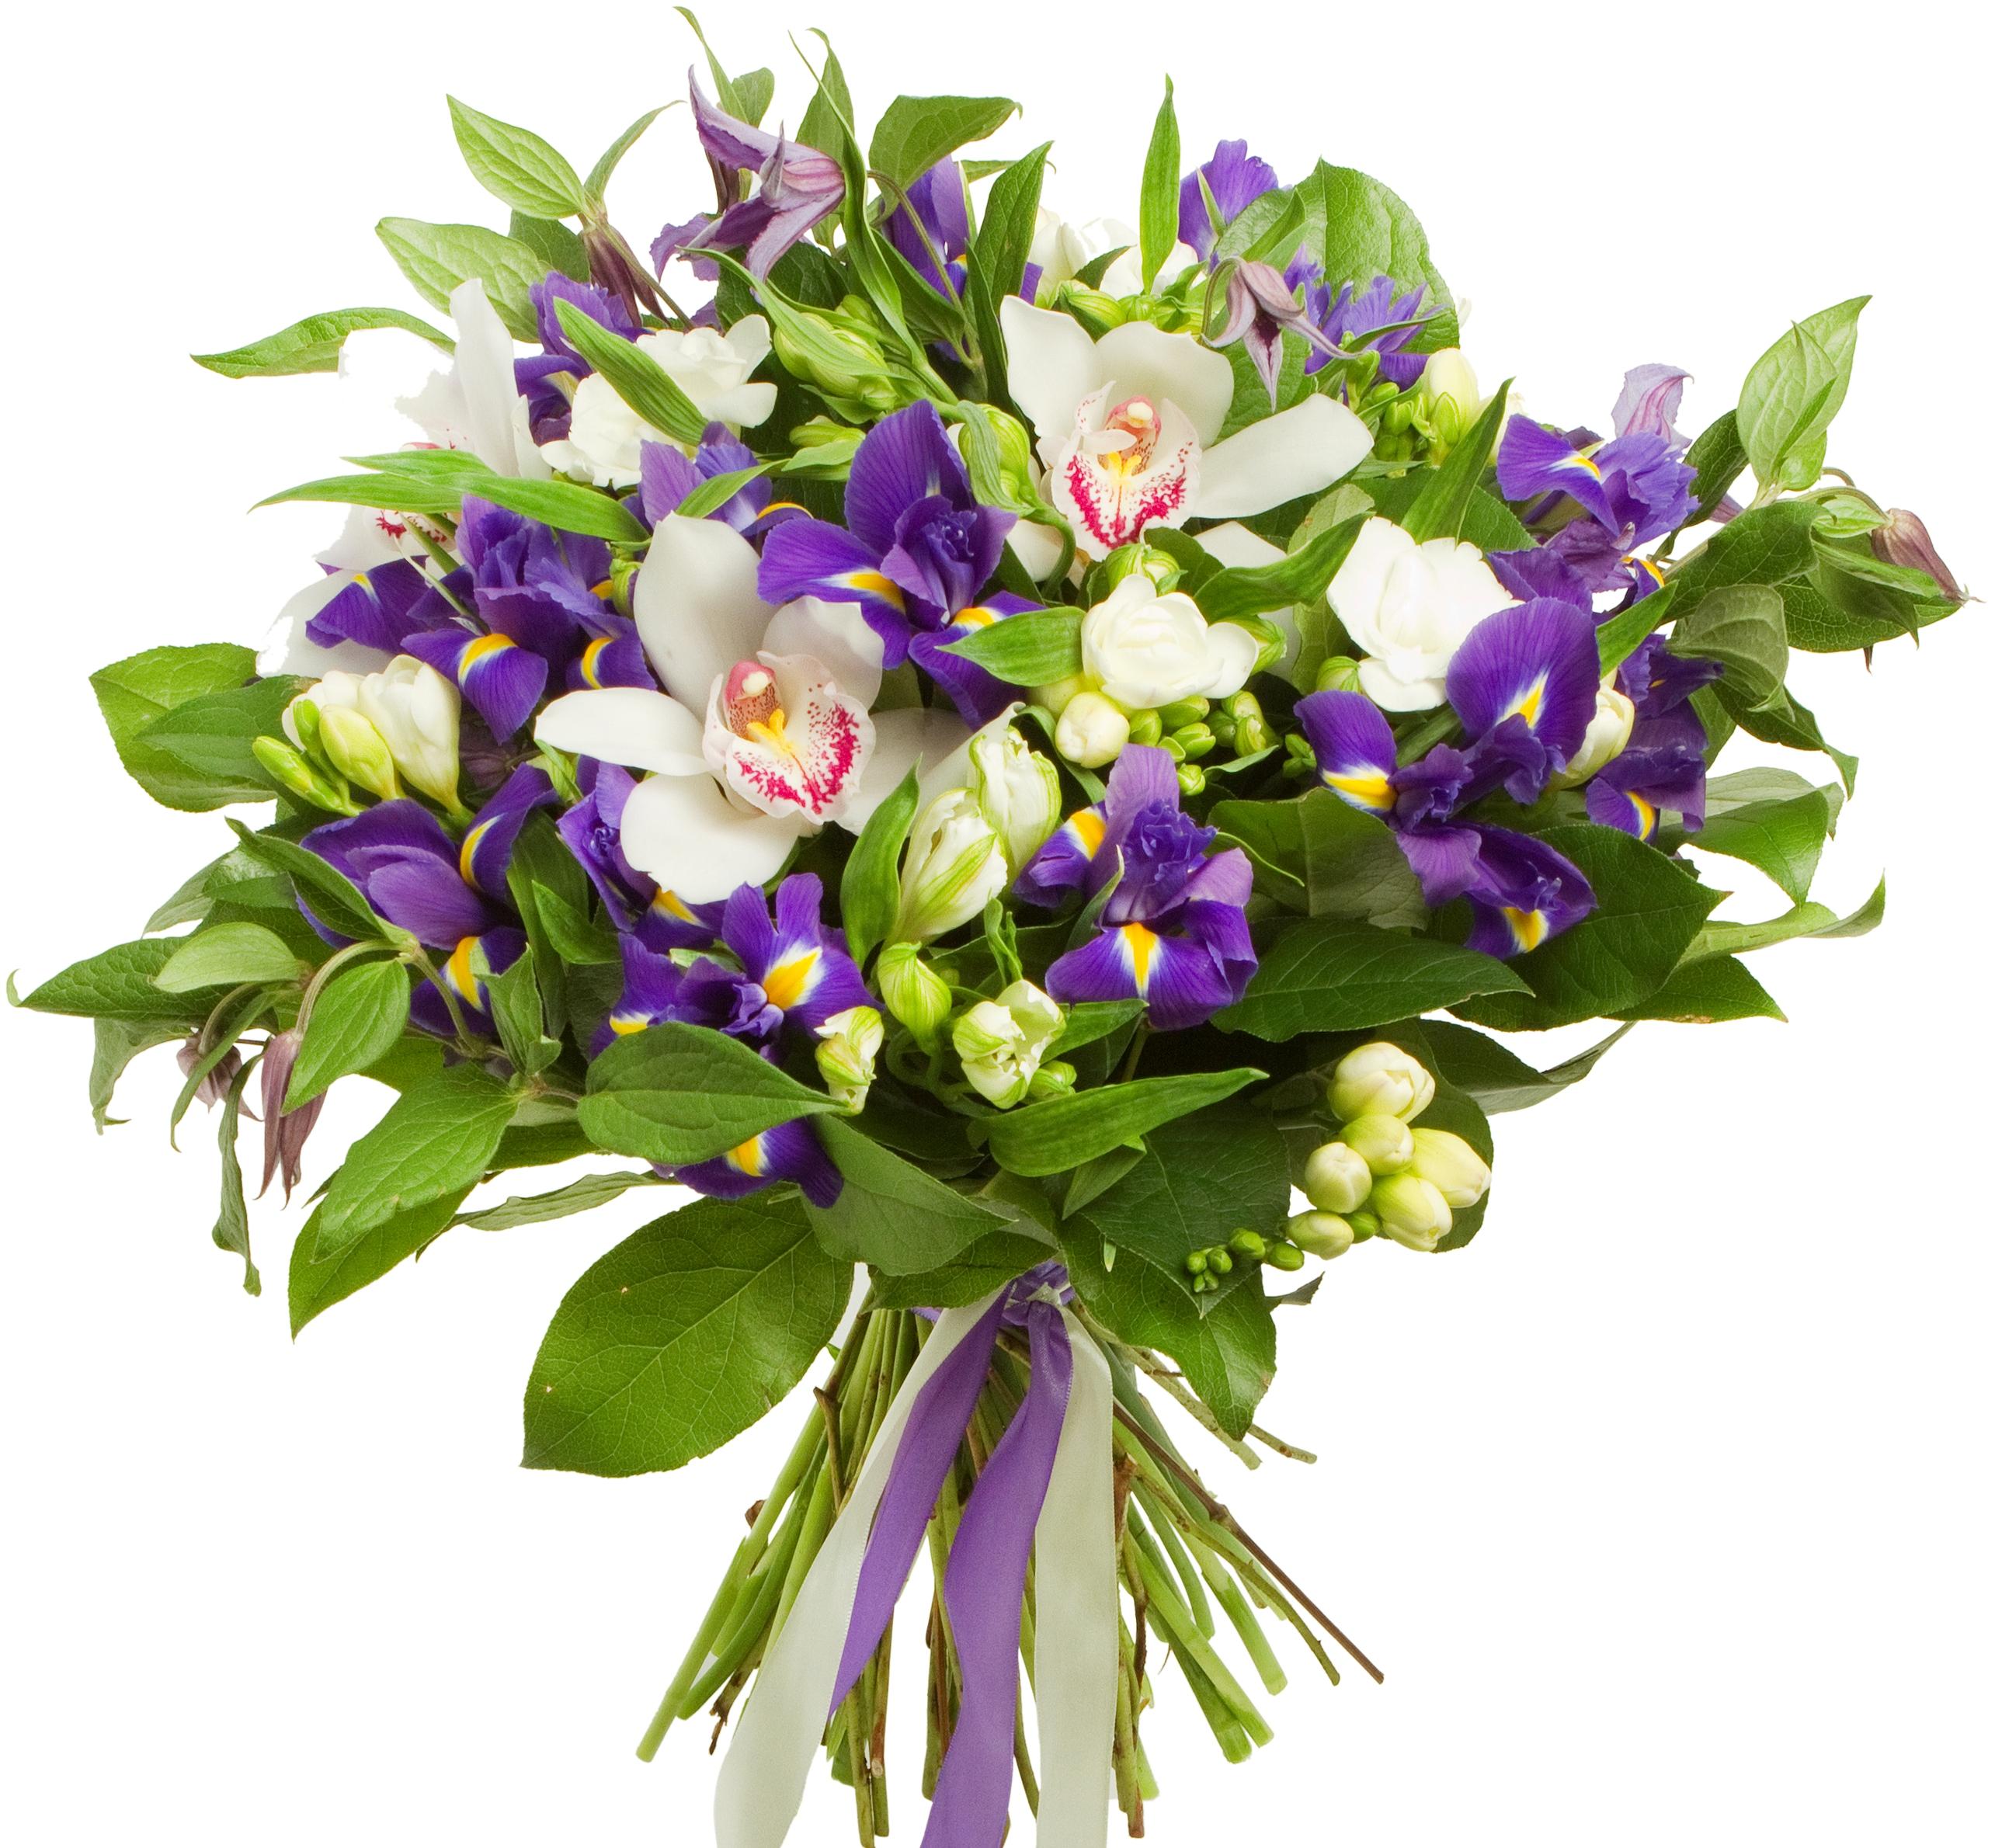 Авторский букет цветов Морской бриз<br>Ингредиенты: Альстромерия 5 шт, Ирис 13 шт, Клематис 3 шт, Салал 1 шт, Фрезия 7 шт, Цимбидиум 3 шт;